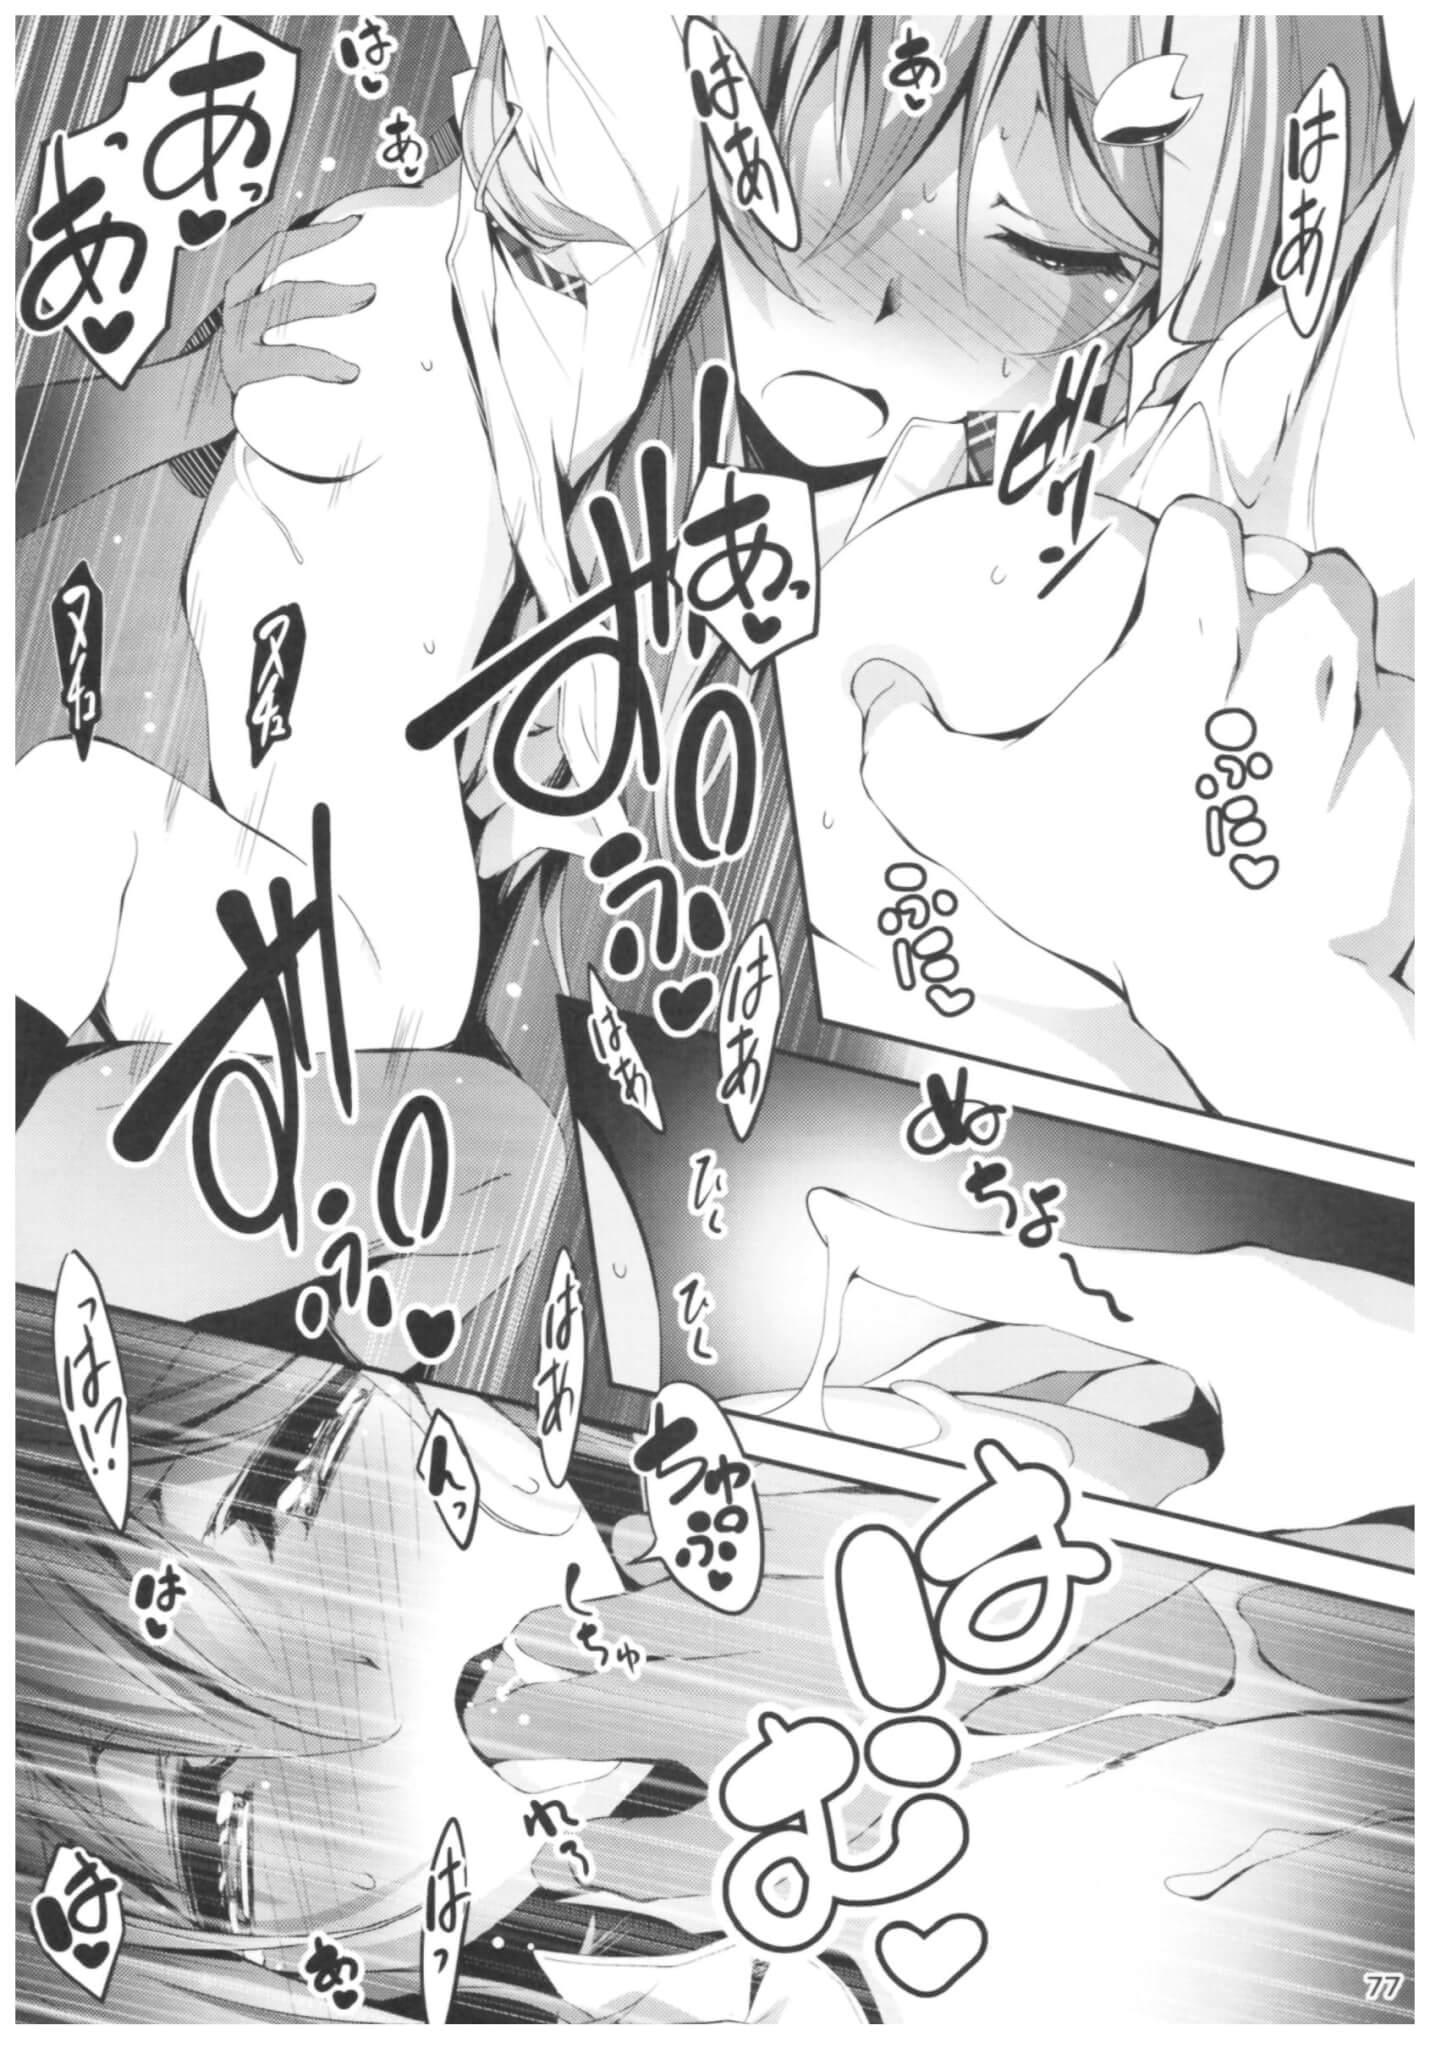 舌いじりJK@エロ漫画